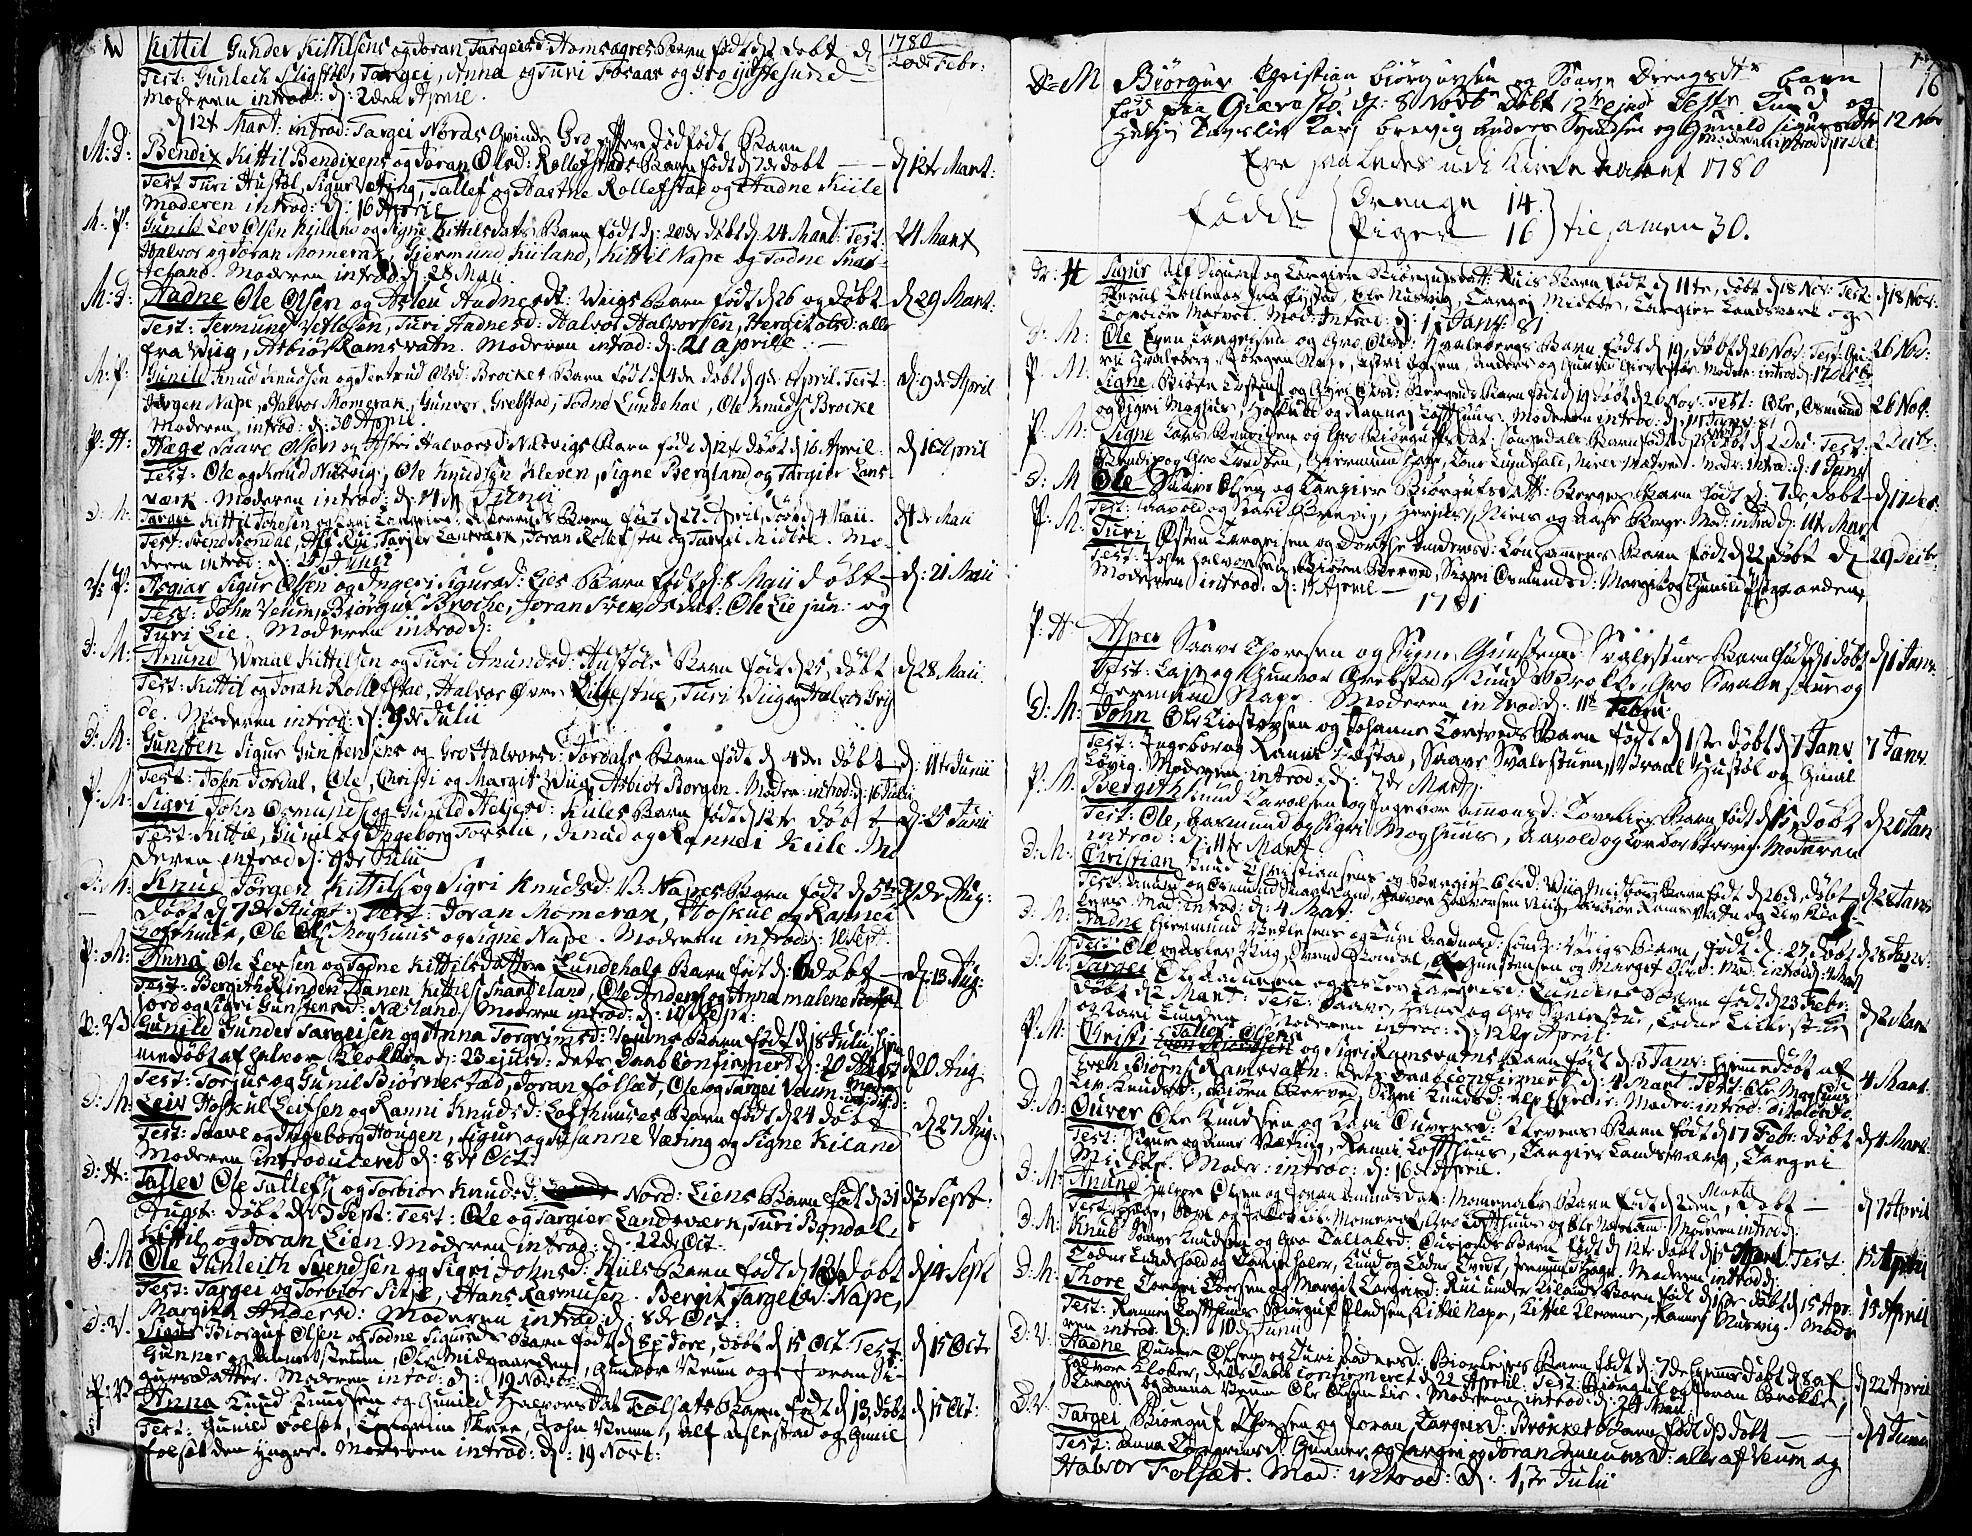 SAKO, Fyresdal kirkebøker, F/Fa/L0002: Ministerialbok nr. I 2, 1769-1814, s. 16